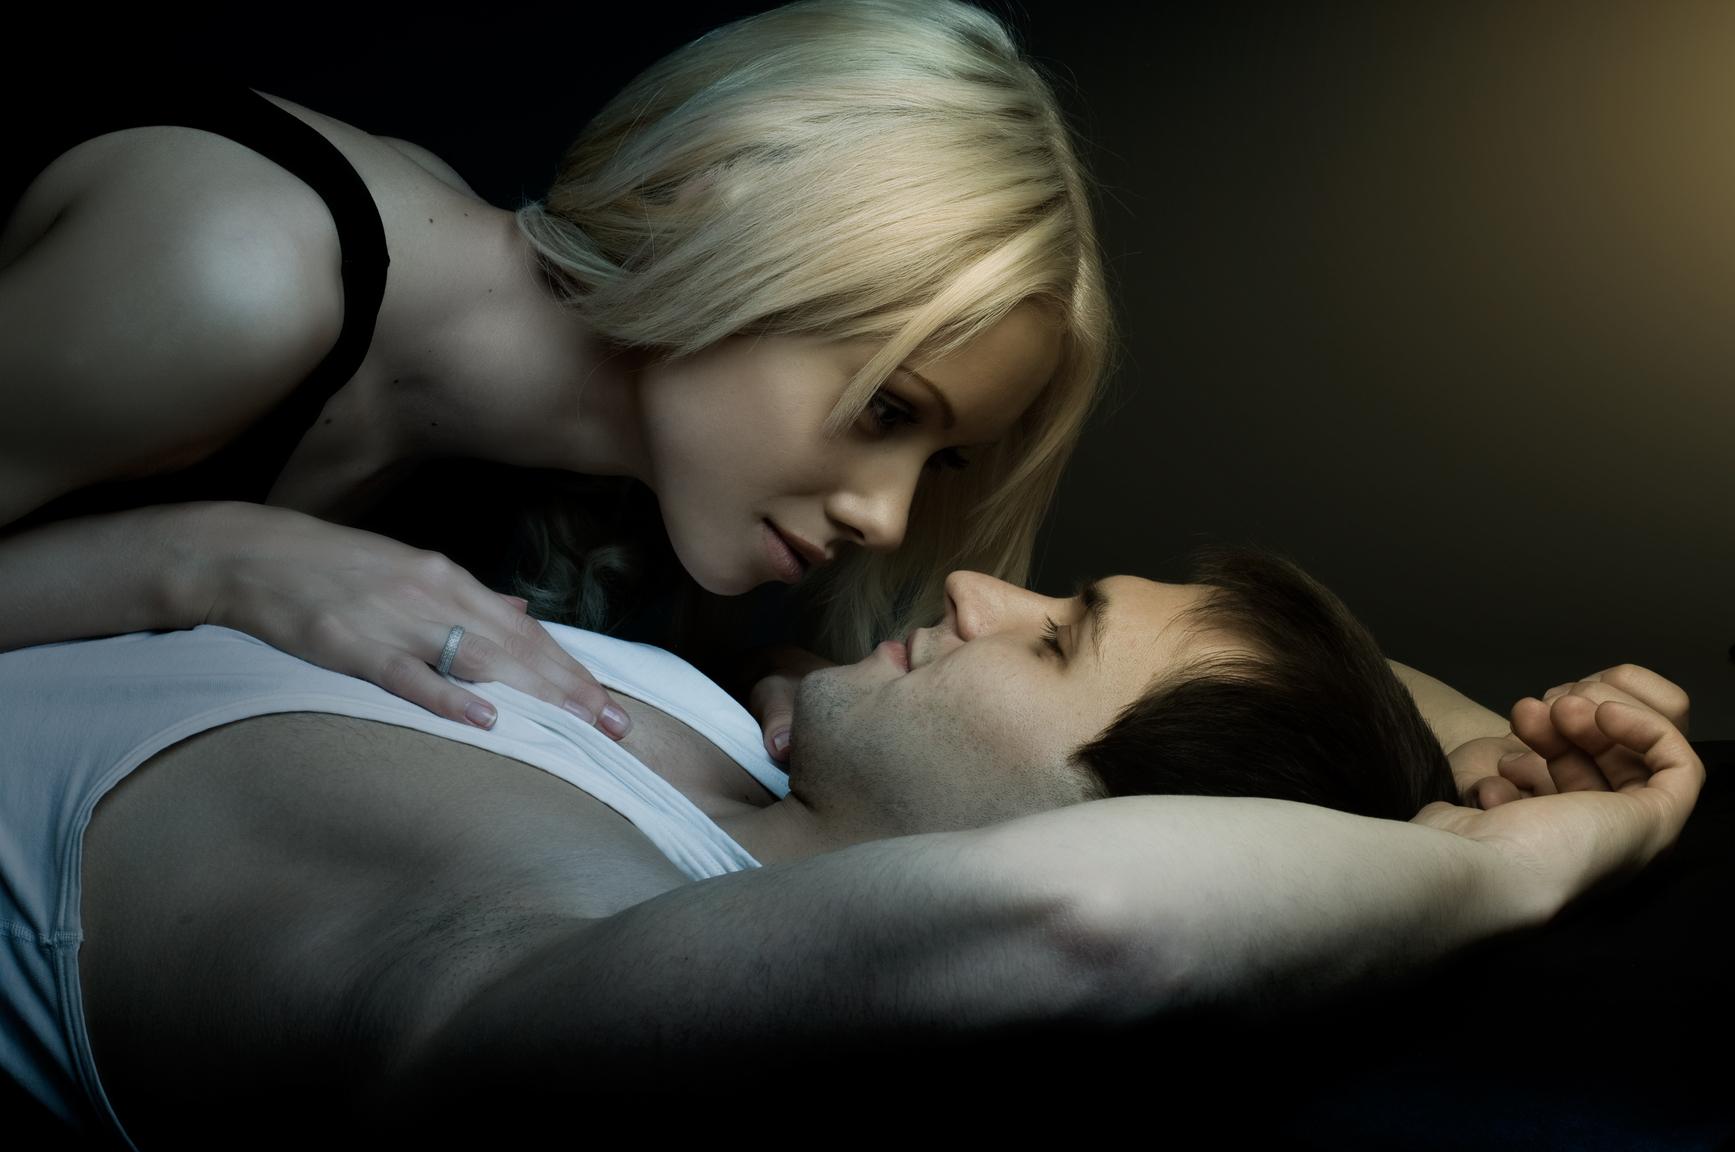 Секс - самое правильное лекарство от стресса и усталости